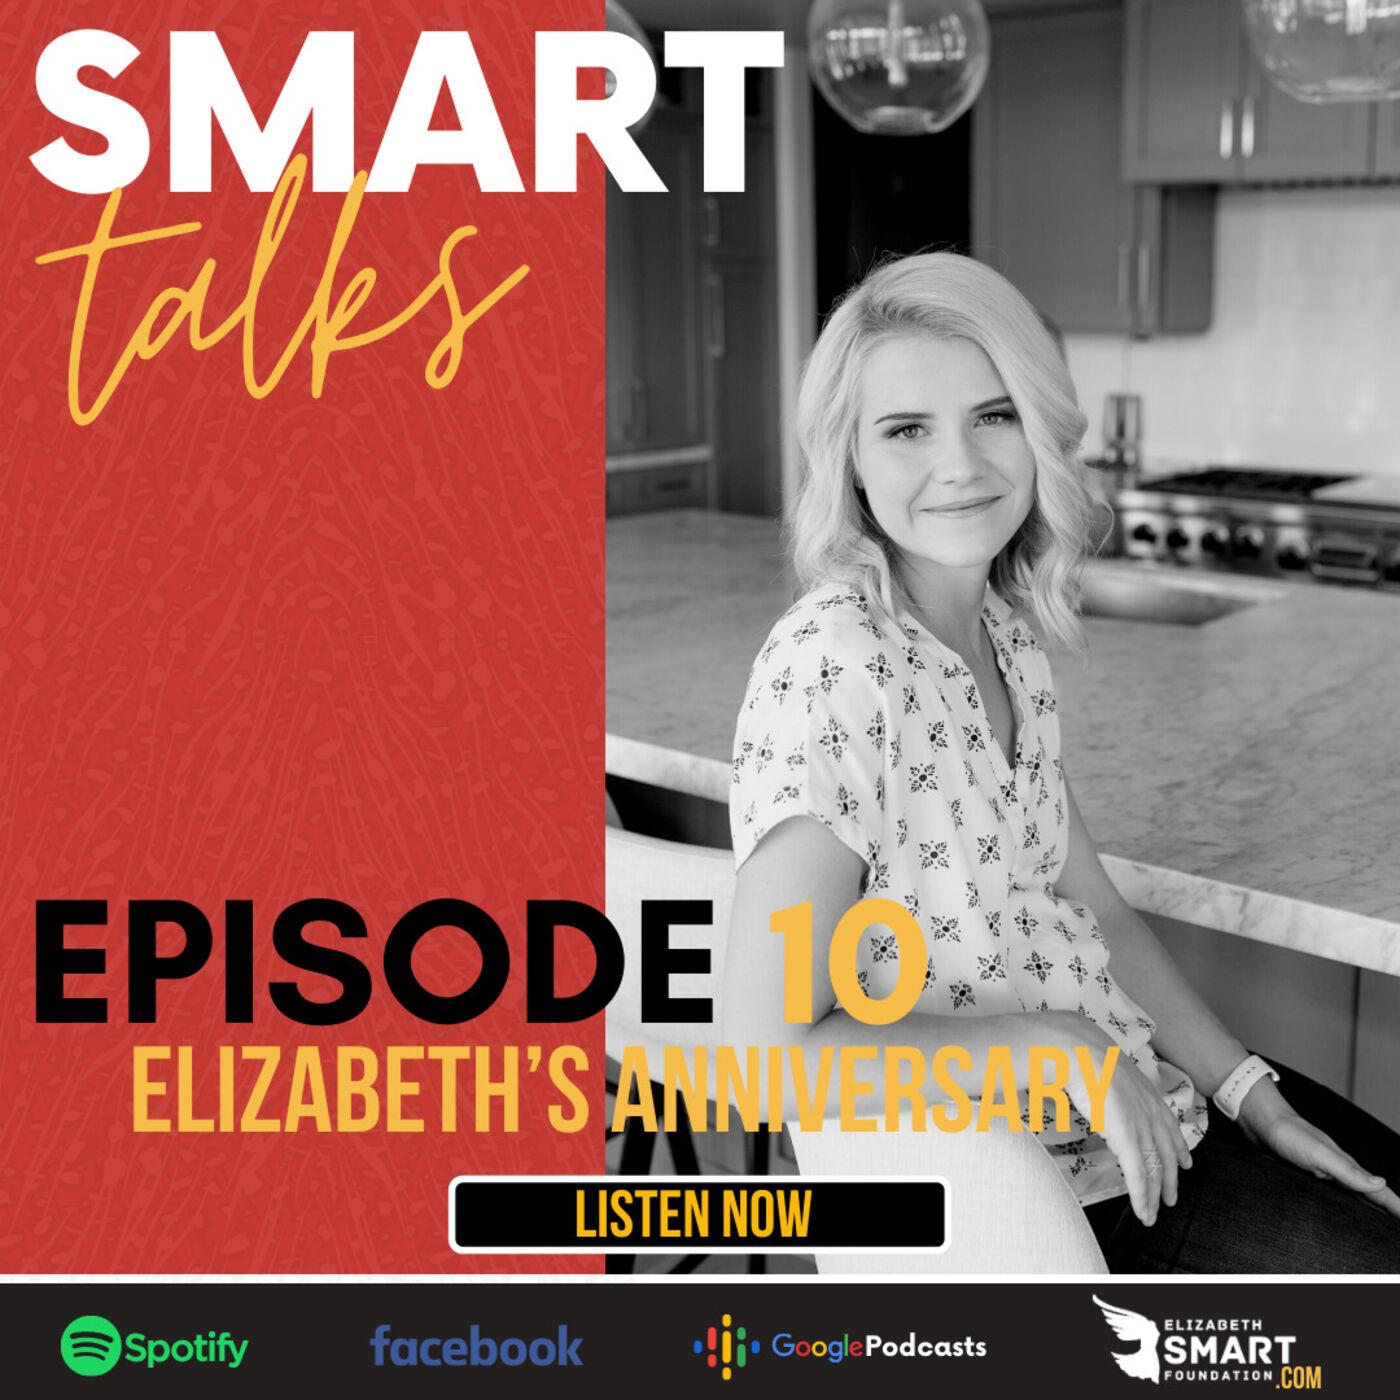 Episode 10: Elizabeth's Anniversary